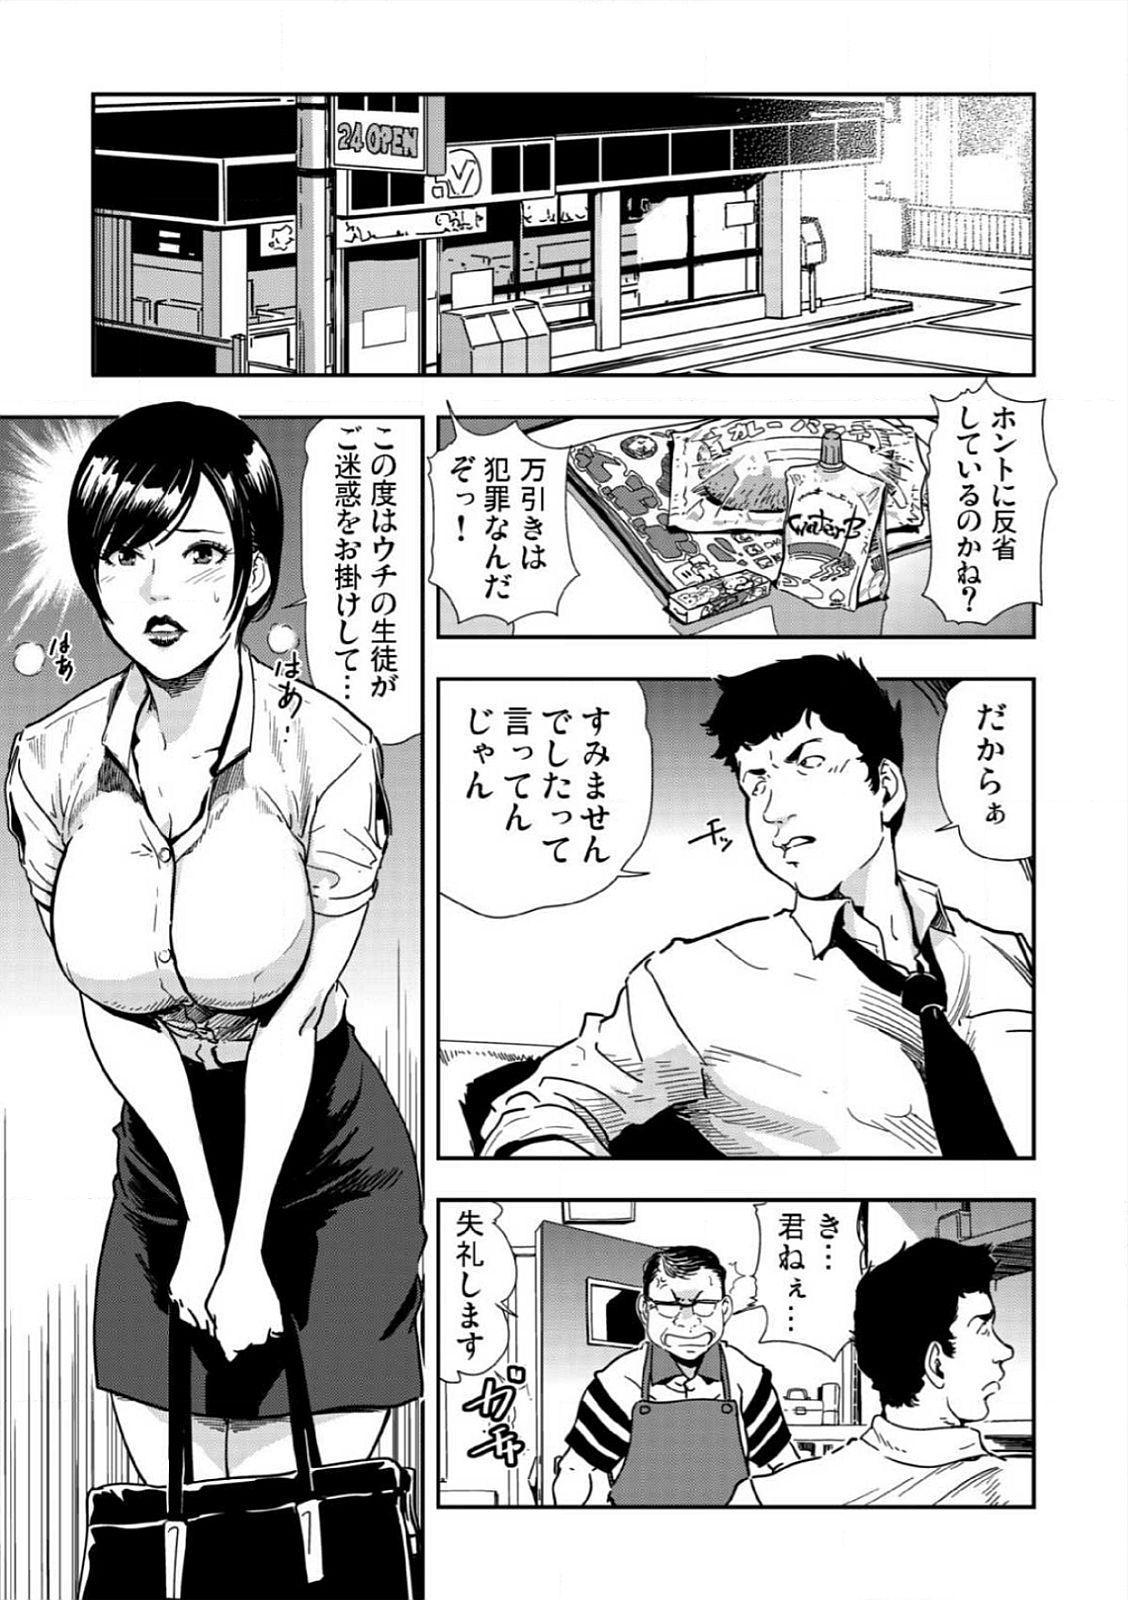 [Misaki Yukihiro] Kyousei Shidou ~Mechakucha ni Kegasarete~ (1)~(6) [Digital] 132